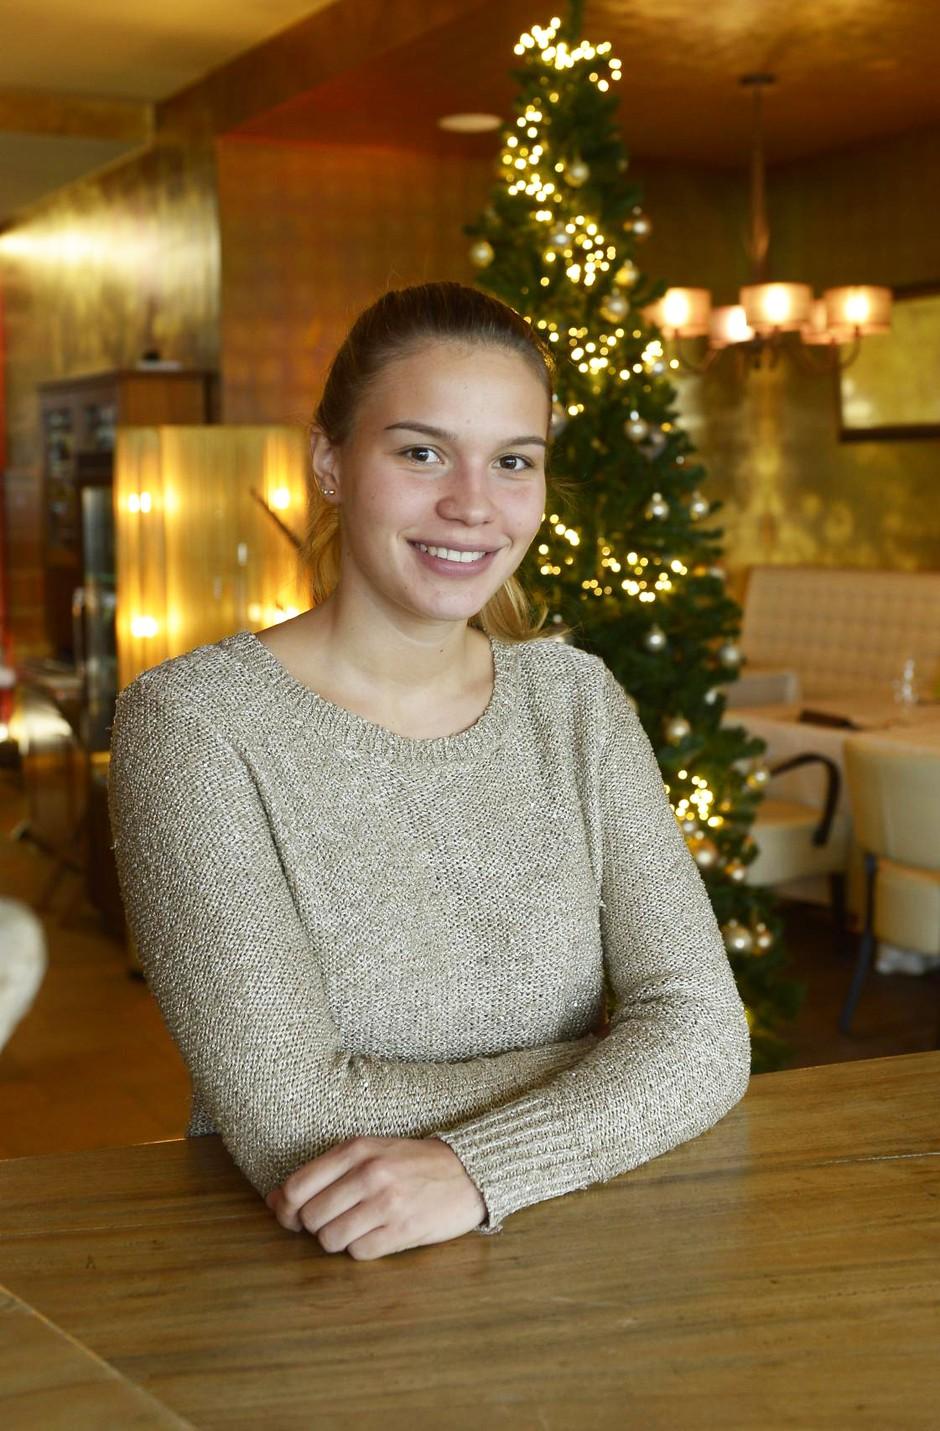 RECEPT: Preveri, kako slastne božične piškote pripravlja Anamaria Goltes (foto: Primož Predalič)